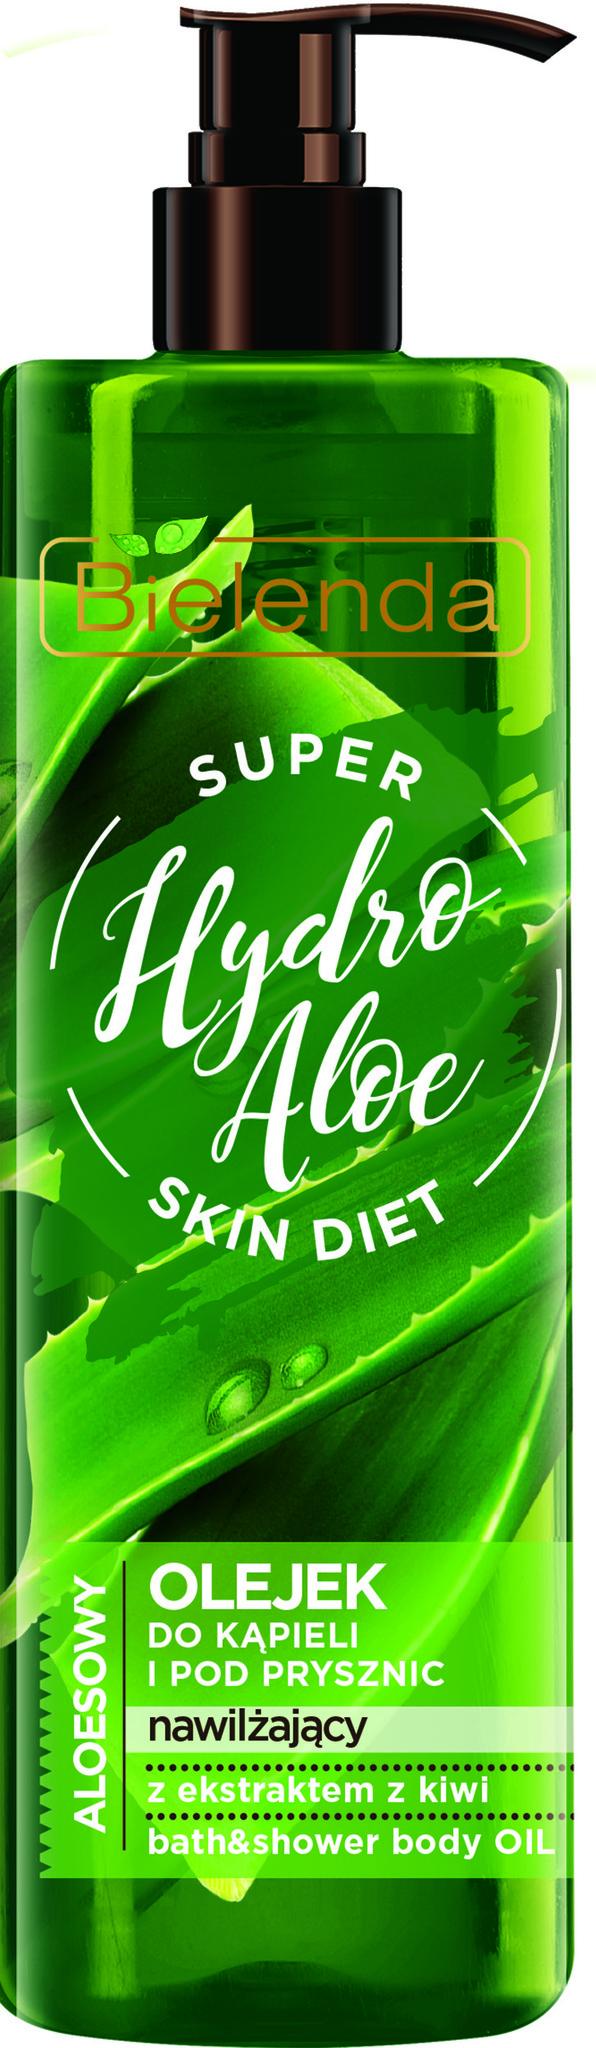 SUPER SKIN DIET Hydro Aloe увлажняющий гель для душа Алоэ 400мл